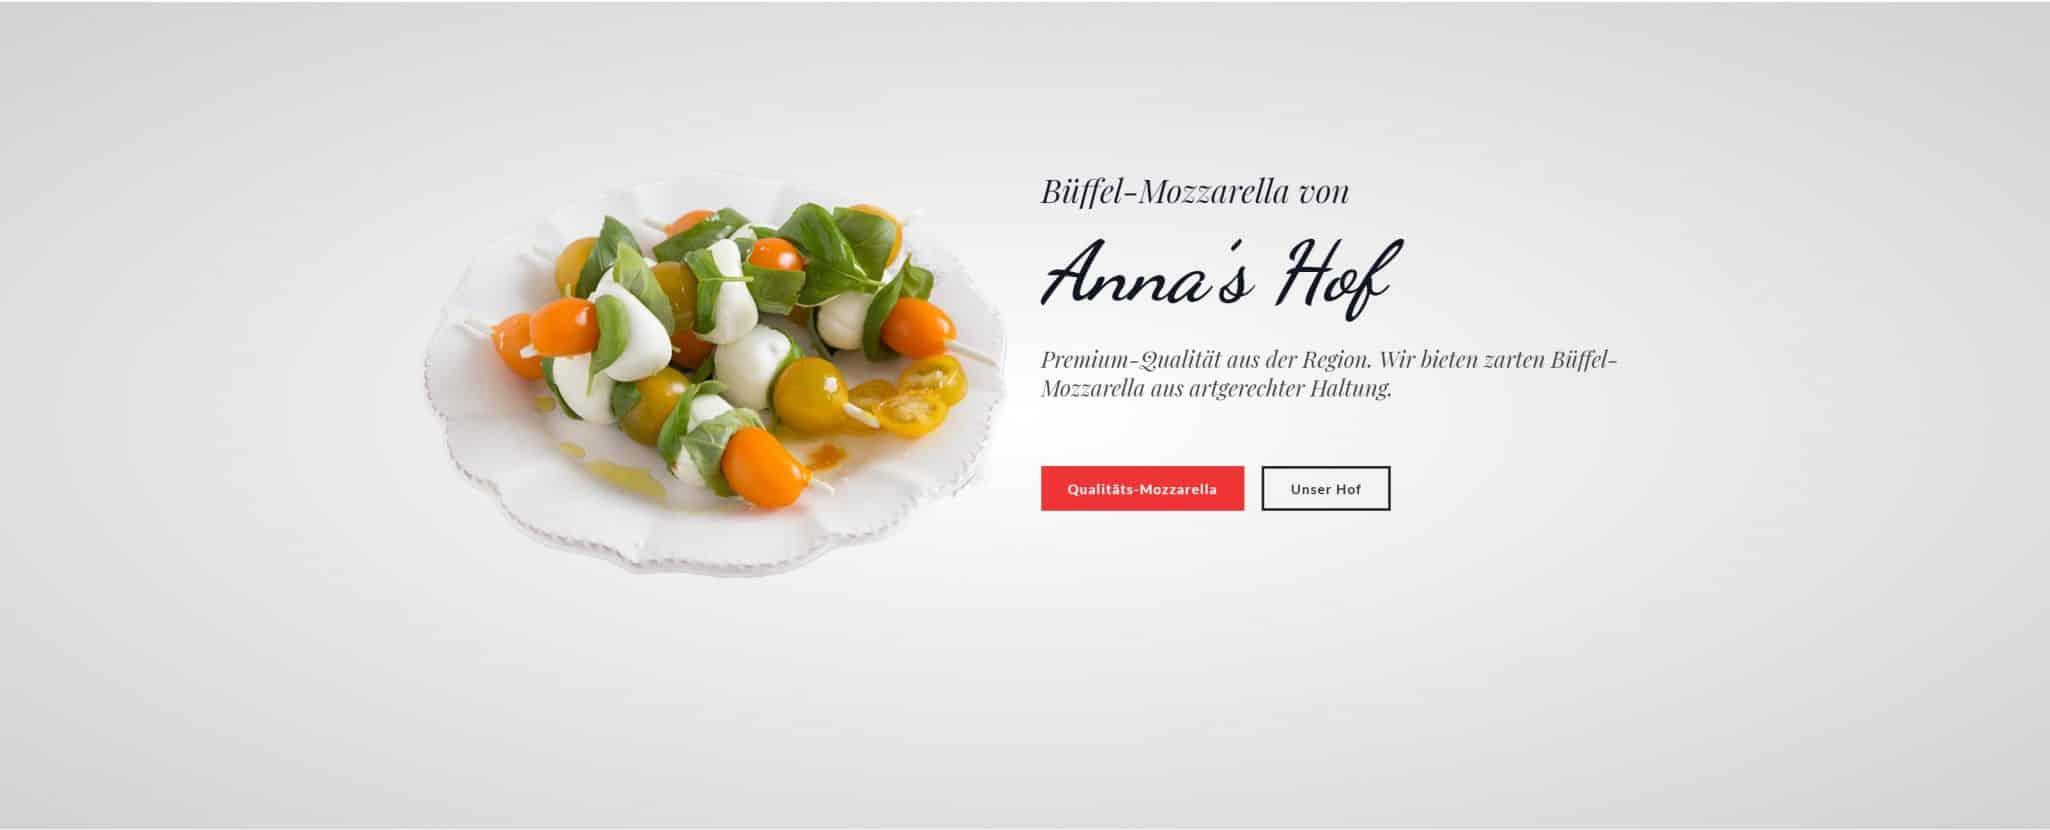 bremen-online-shop-agentur-hamburg